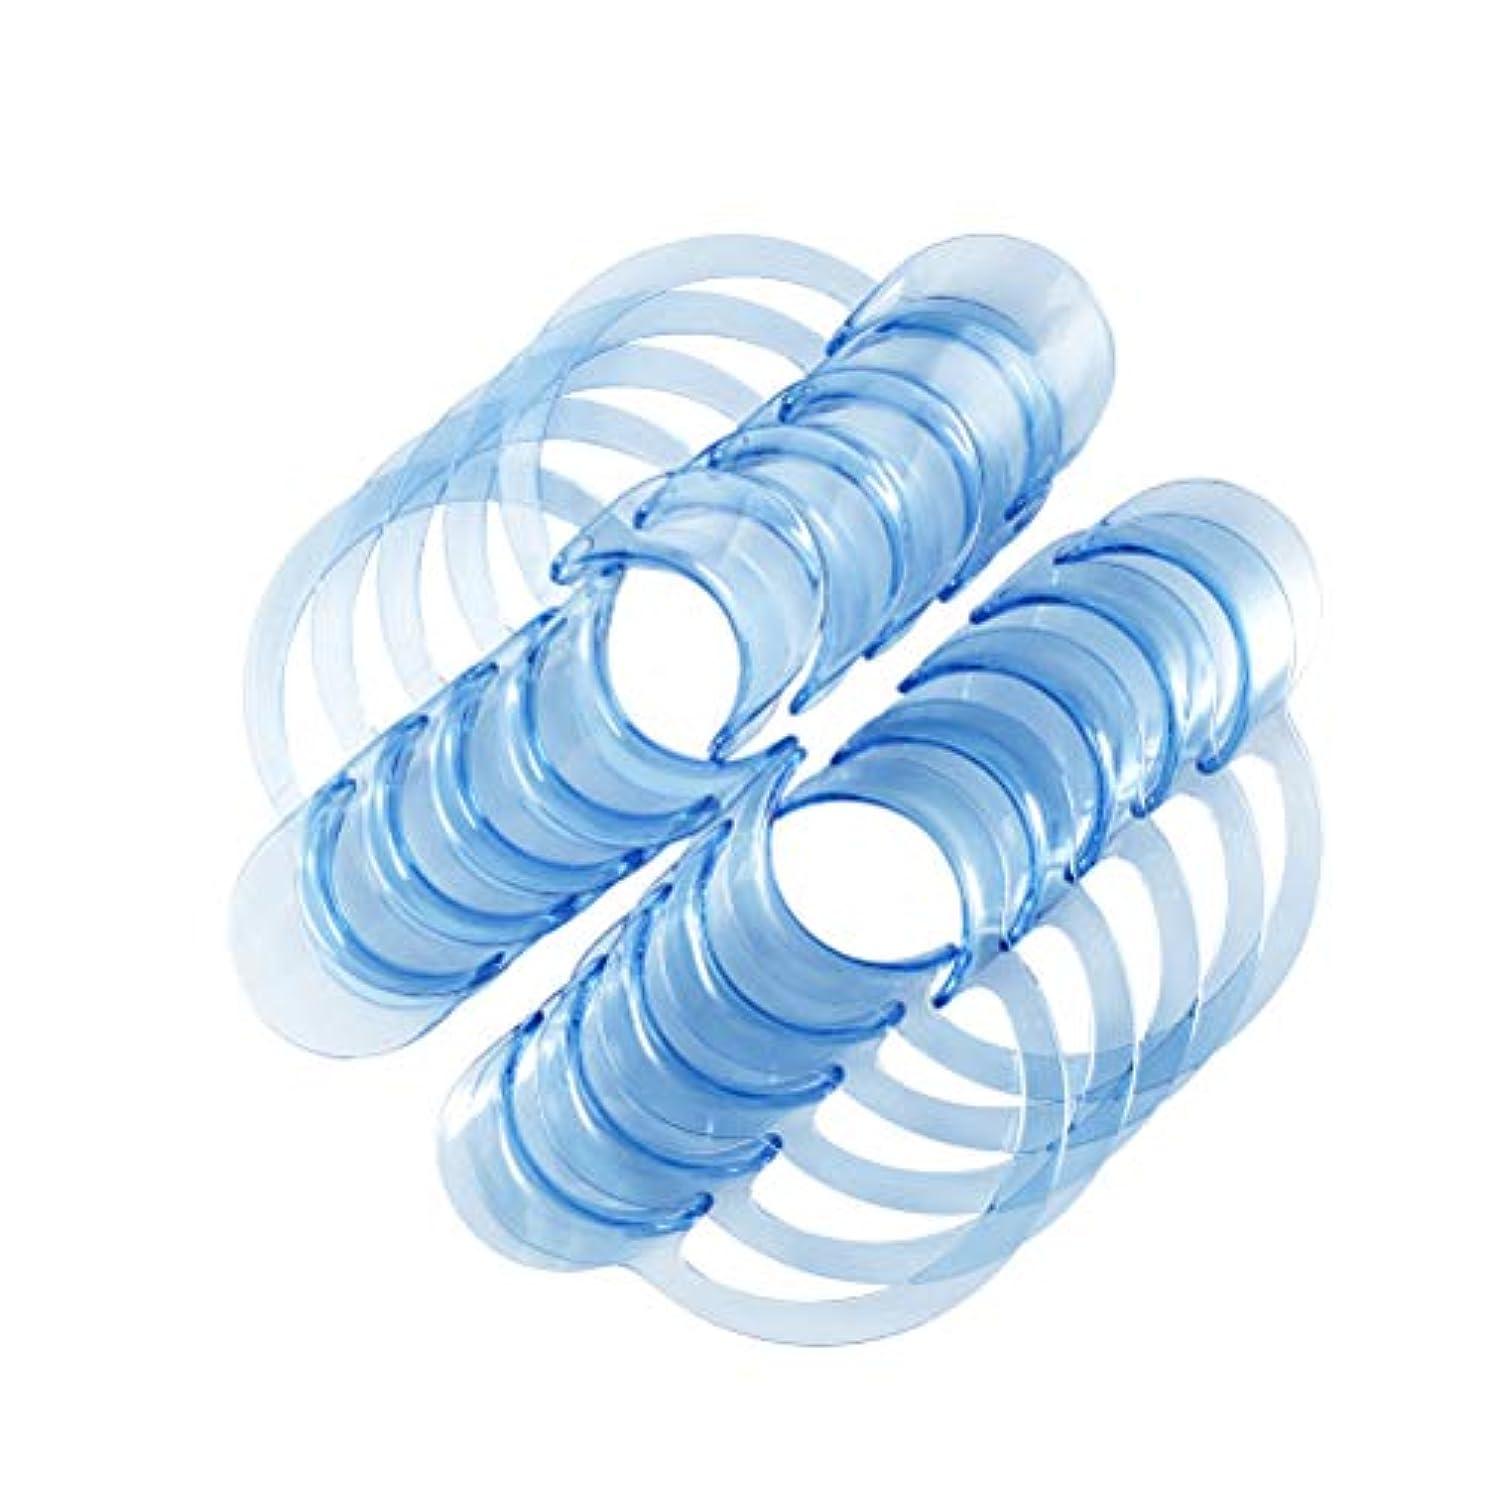 成分連結する絡み合いSUPVOX 30個入りC字型歯科口オープナーマウスガードチャレンジゲームまたは歯科用ホワイト - L(ブルー)